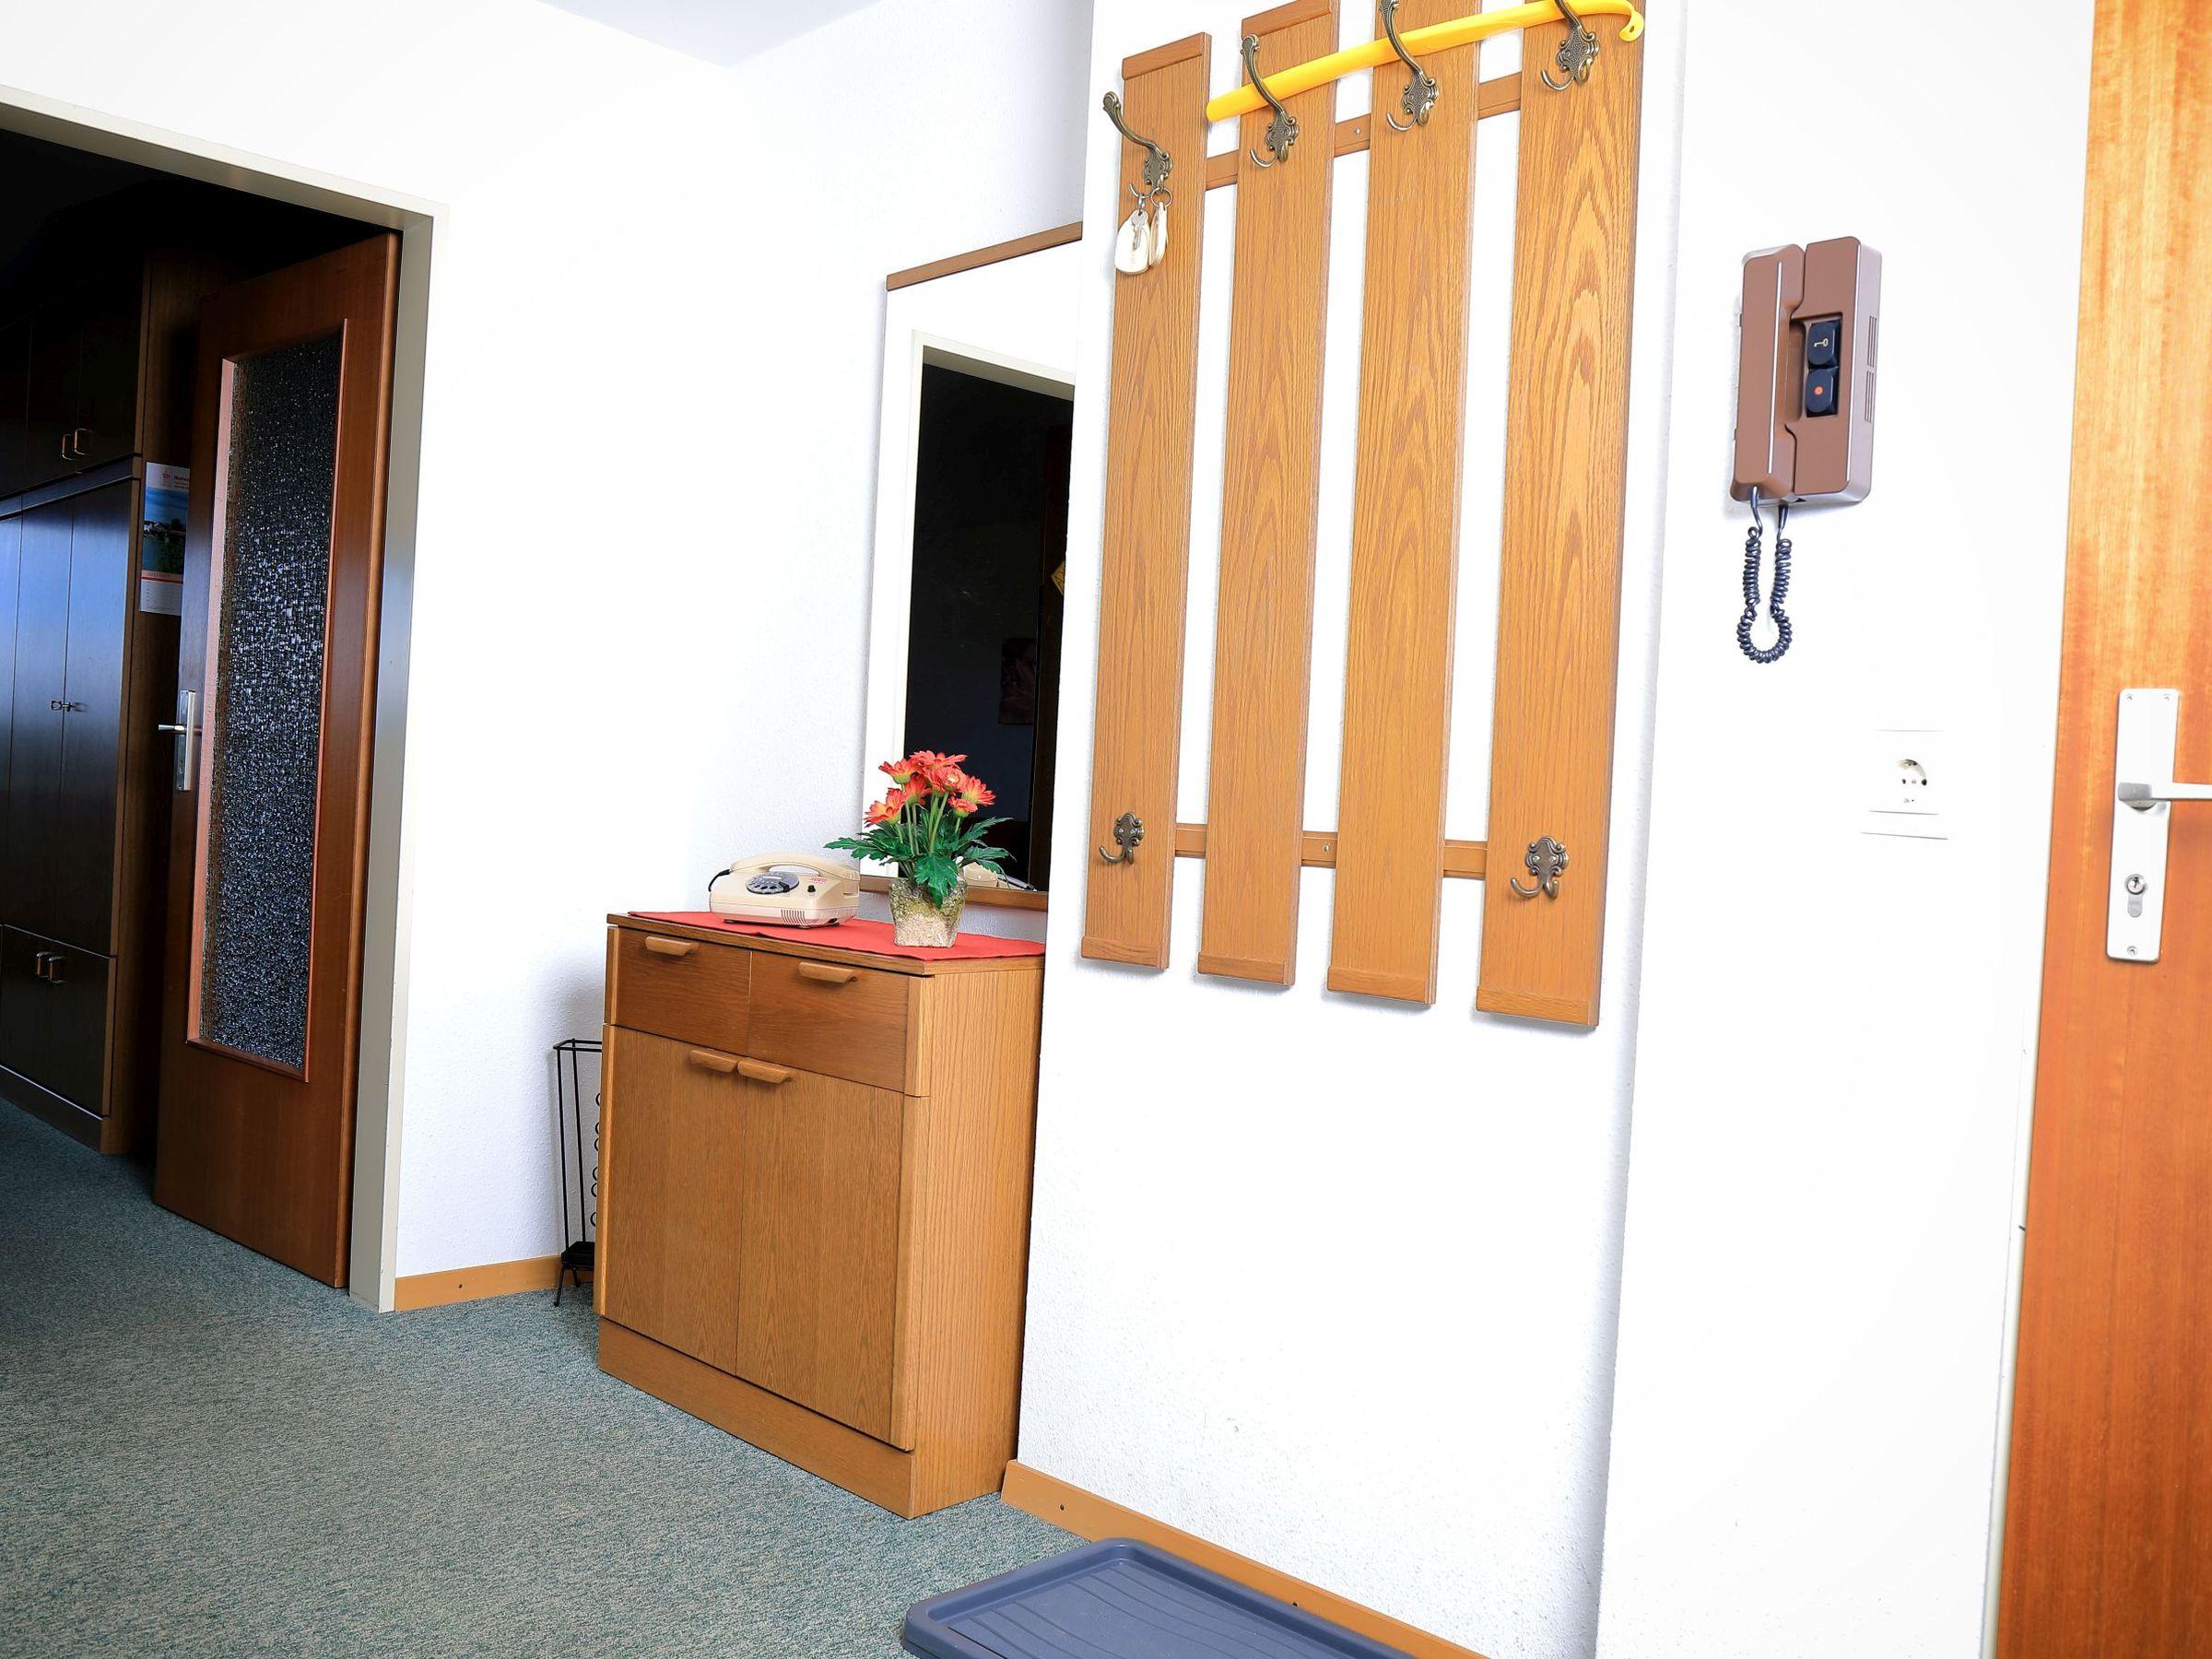 Ferienhaus Haus Monika Ferienwohnungen, (Herrischried). Ferienwohnung Nr. 4, 62 qm, Balkon, 2 Schlafz (2299232), Herrischried, Schwarzwald, Baden-Württemberg, Deutschland, Bild 12